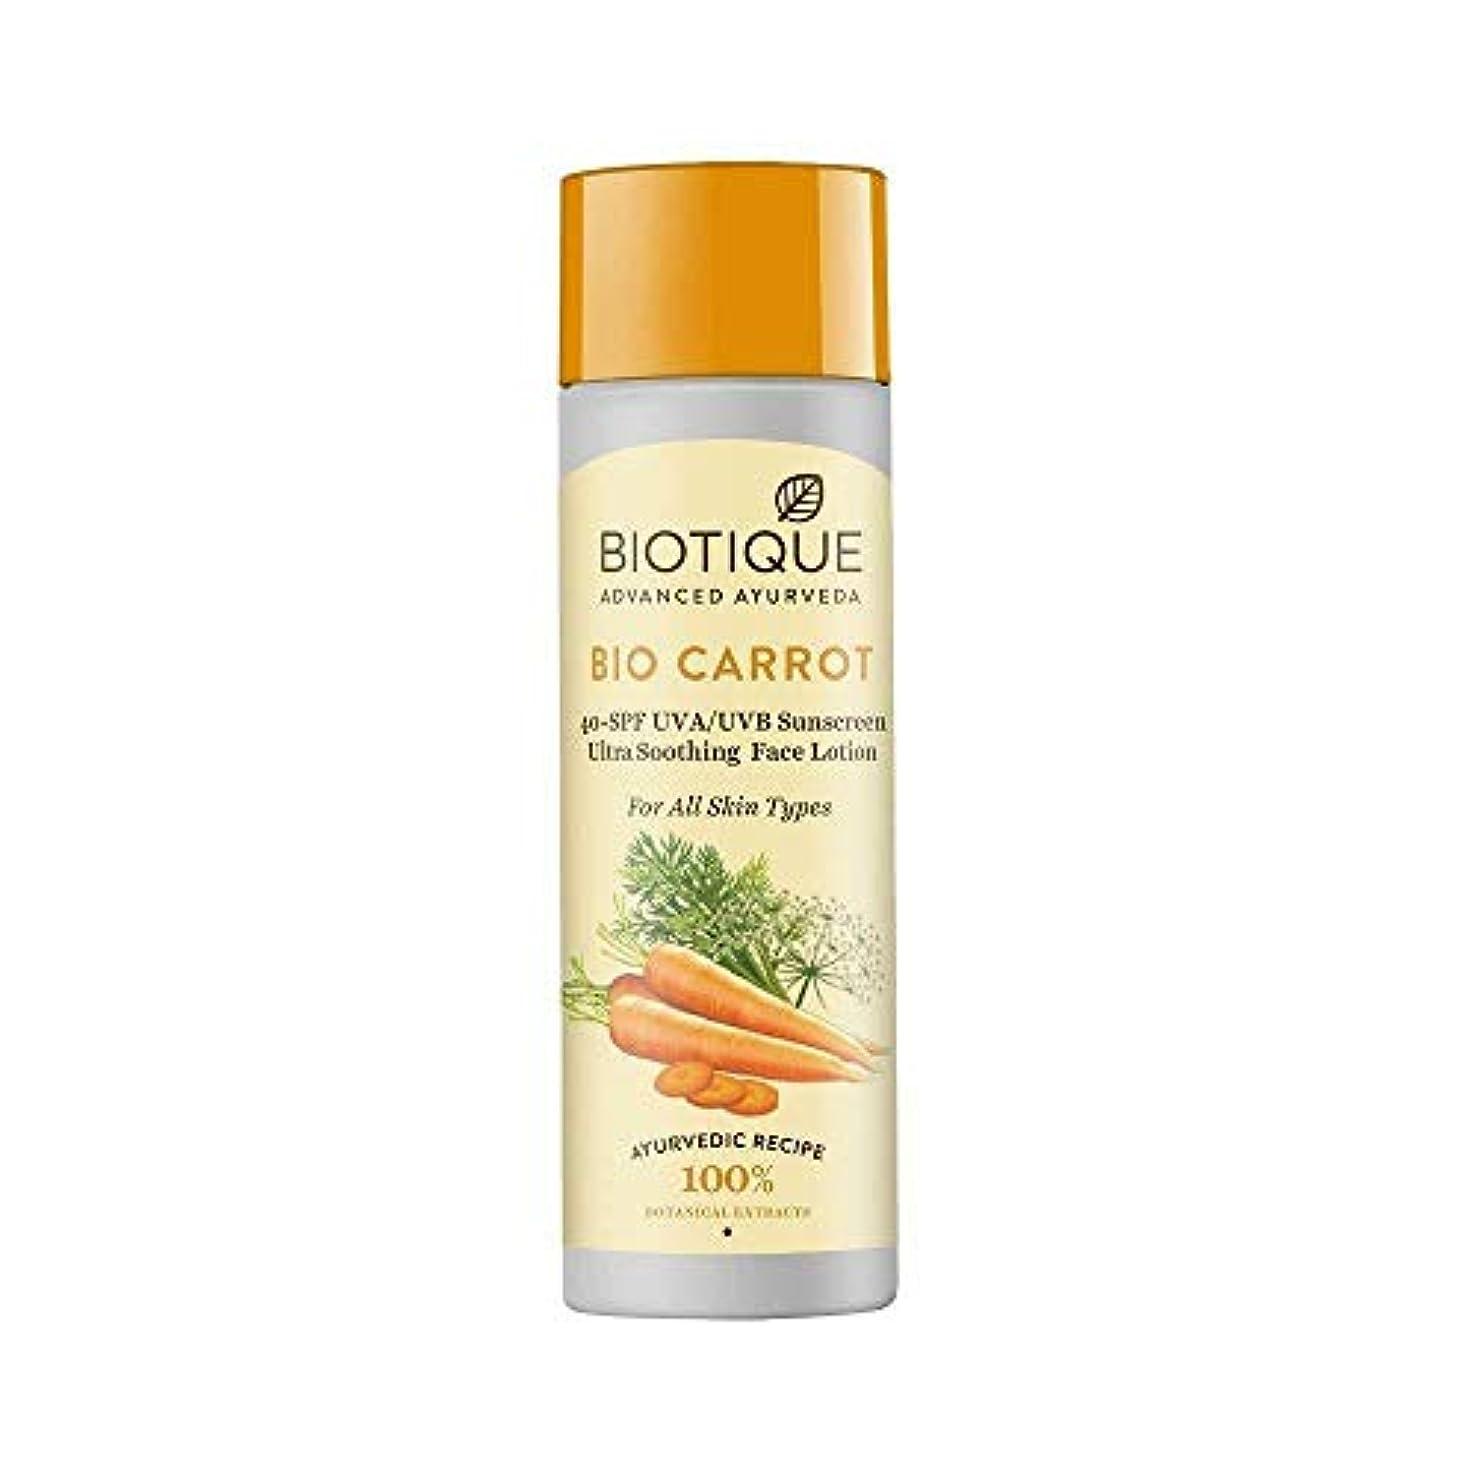 シェア腐った拳Biotique Bio Carrot Face & Body Sun Lotion SPF 40 UVA/UVB Sunscreen 190ml ビオティックバイオニンジンフェイス&ボディサンローションSPF 40 UVA...